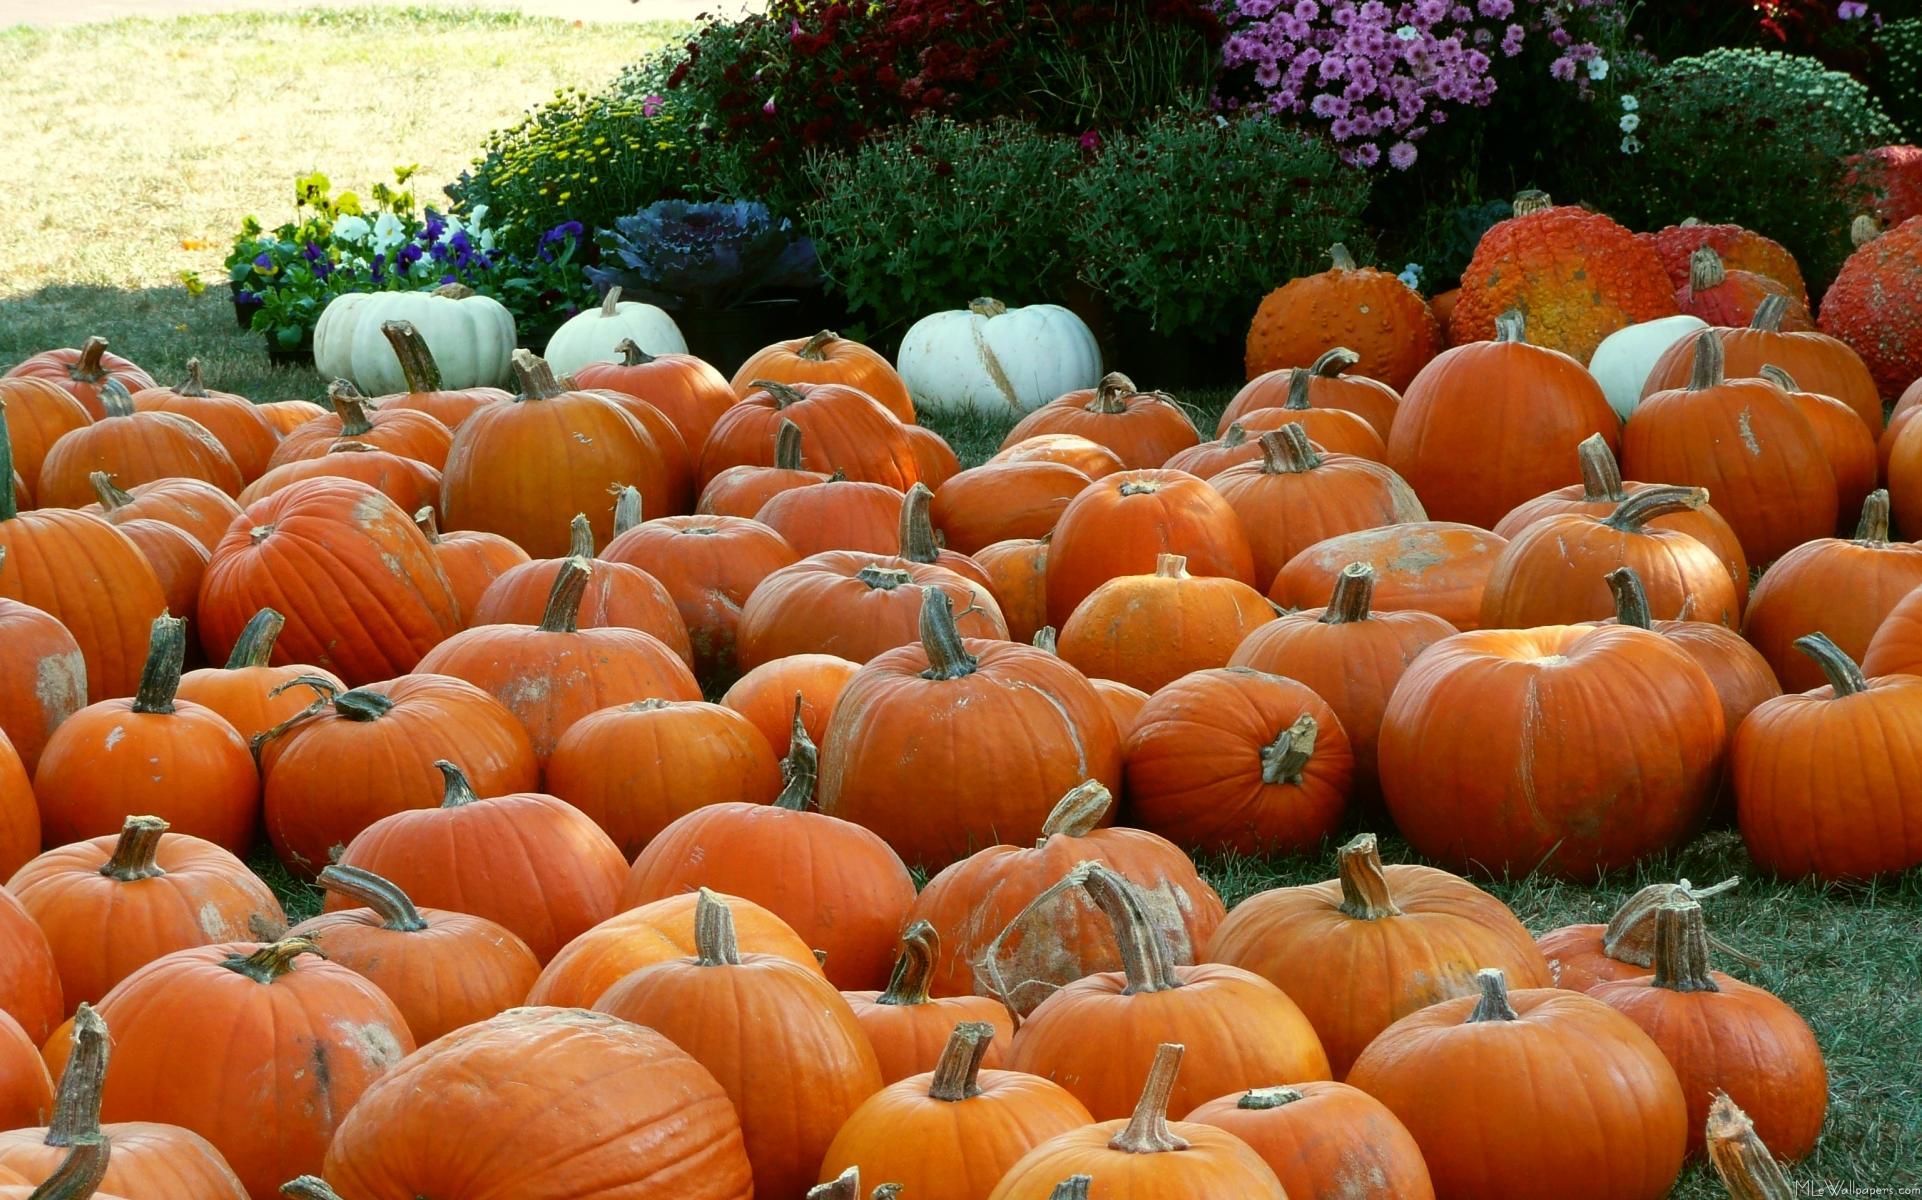 Pumpkins and mums - Fall wallpaper pumpkins ...